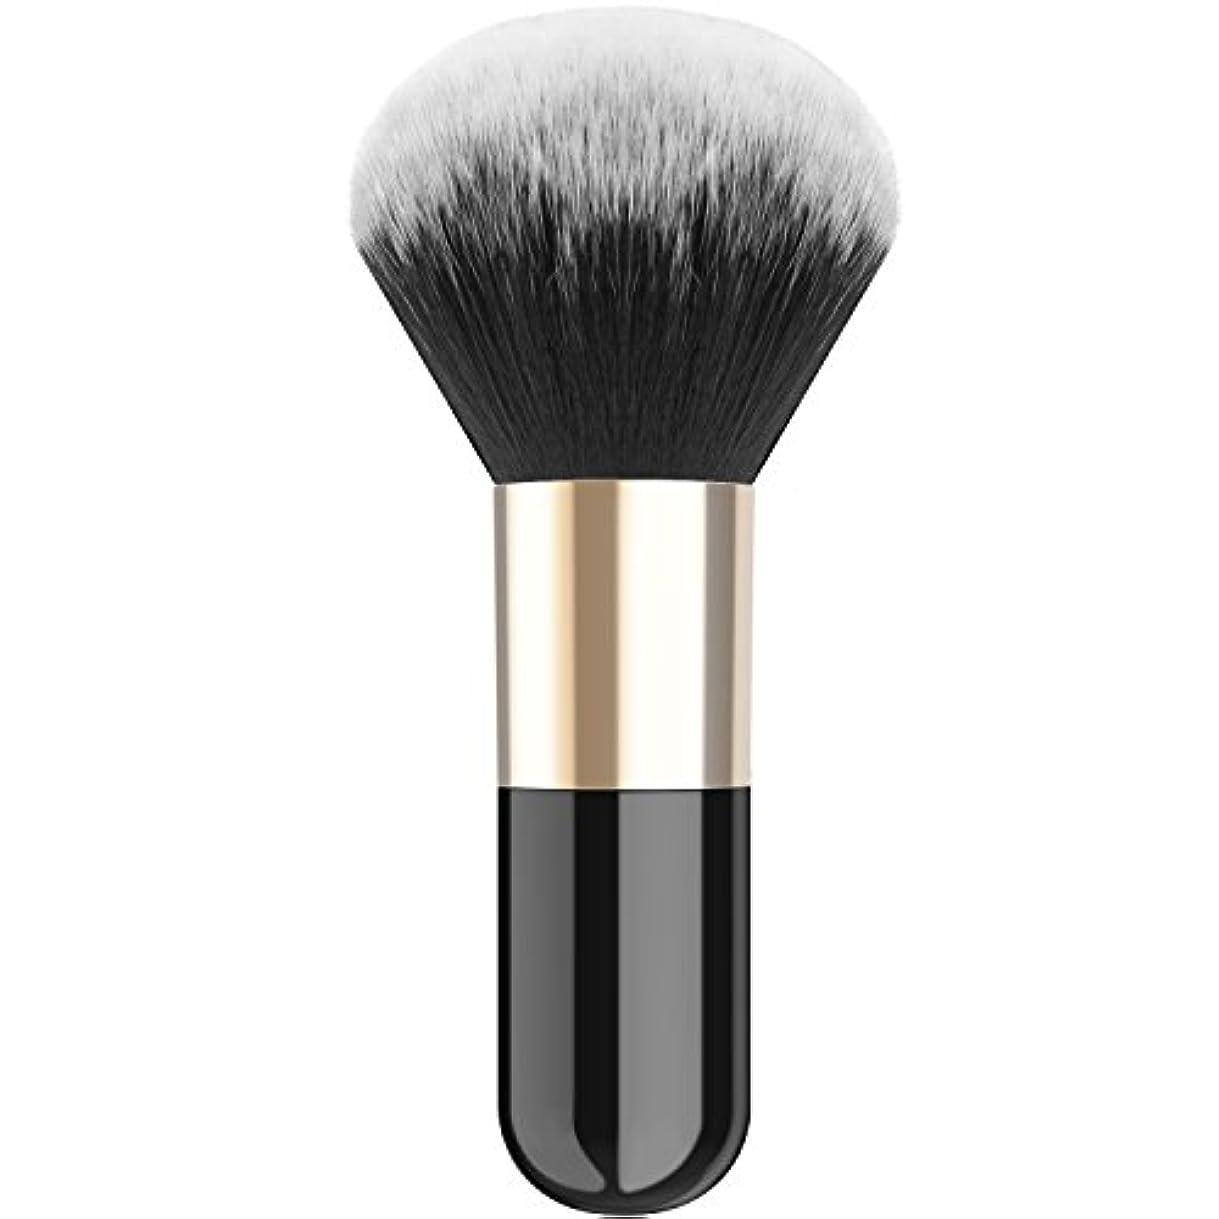 ダブル特異性慢ファンデーションブラシ - Luxspire メイクブラシ 化粧筆 コスメブラシ 繊細な人工毛 毛質やわらかい 肌に優しい - Black